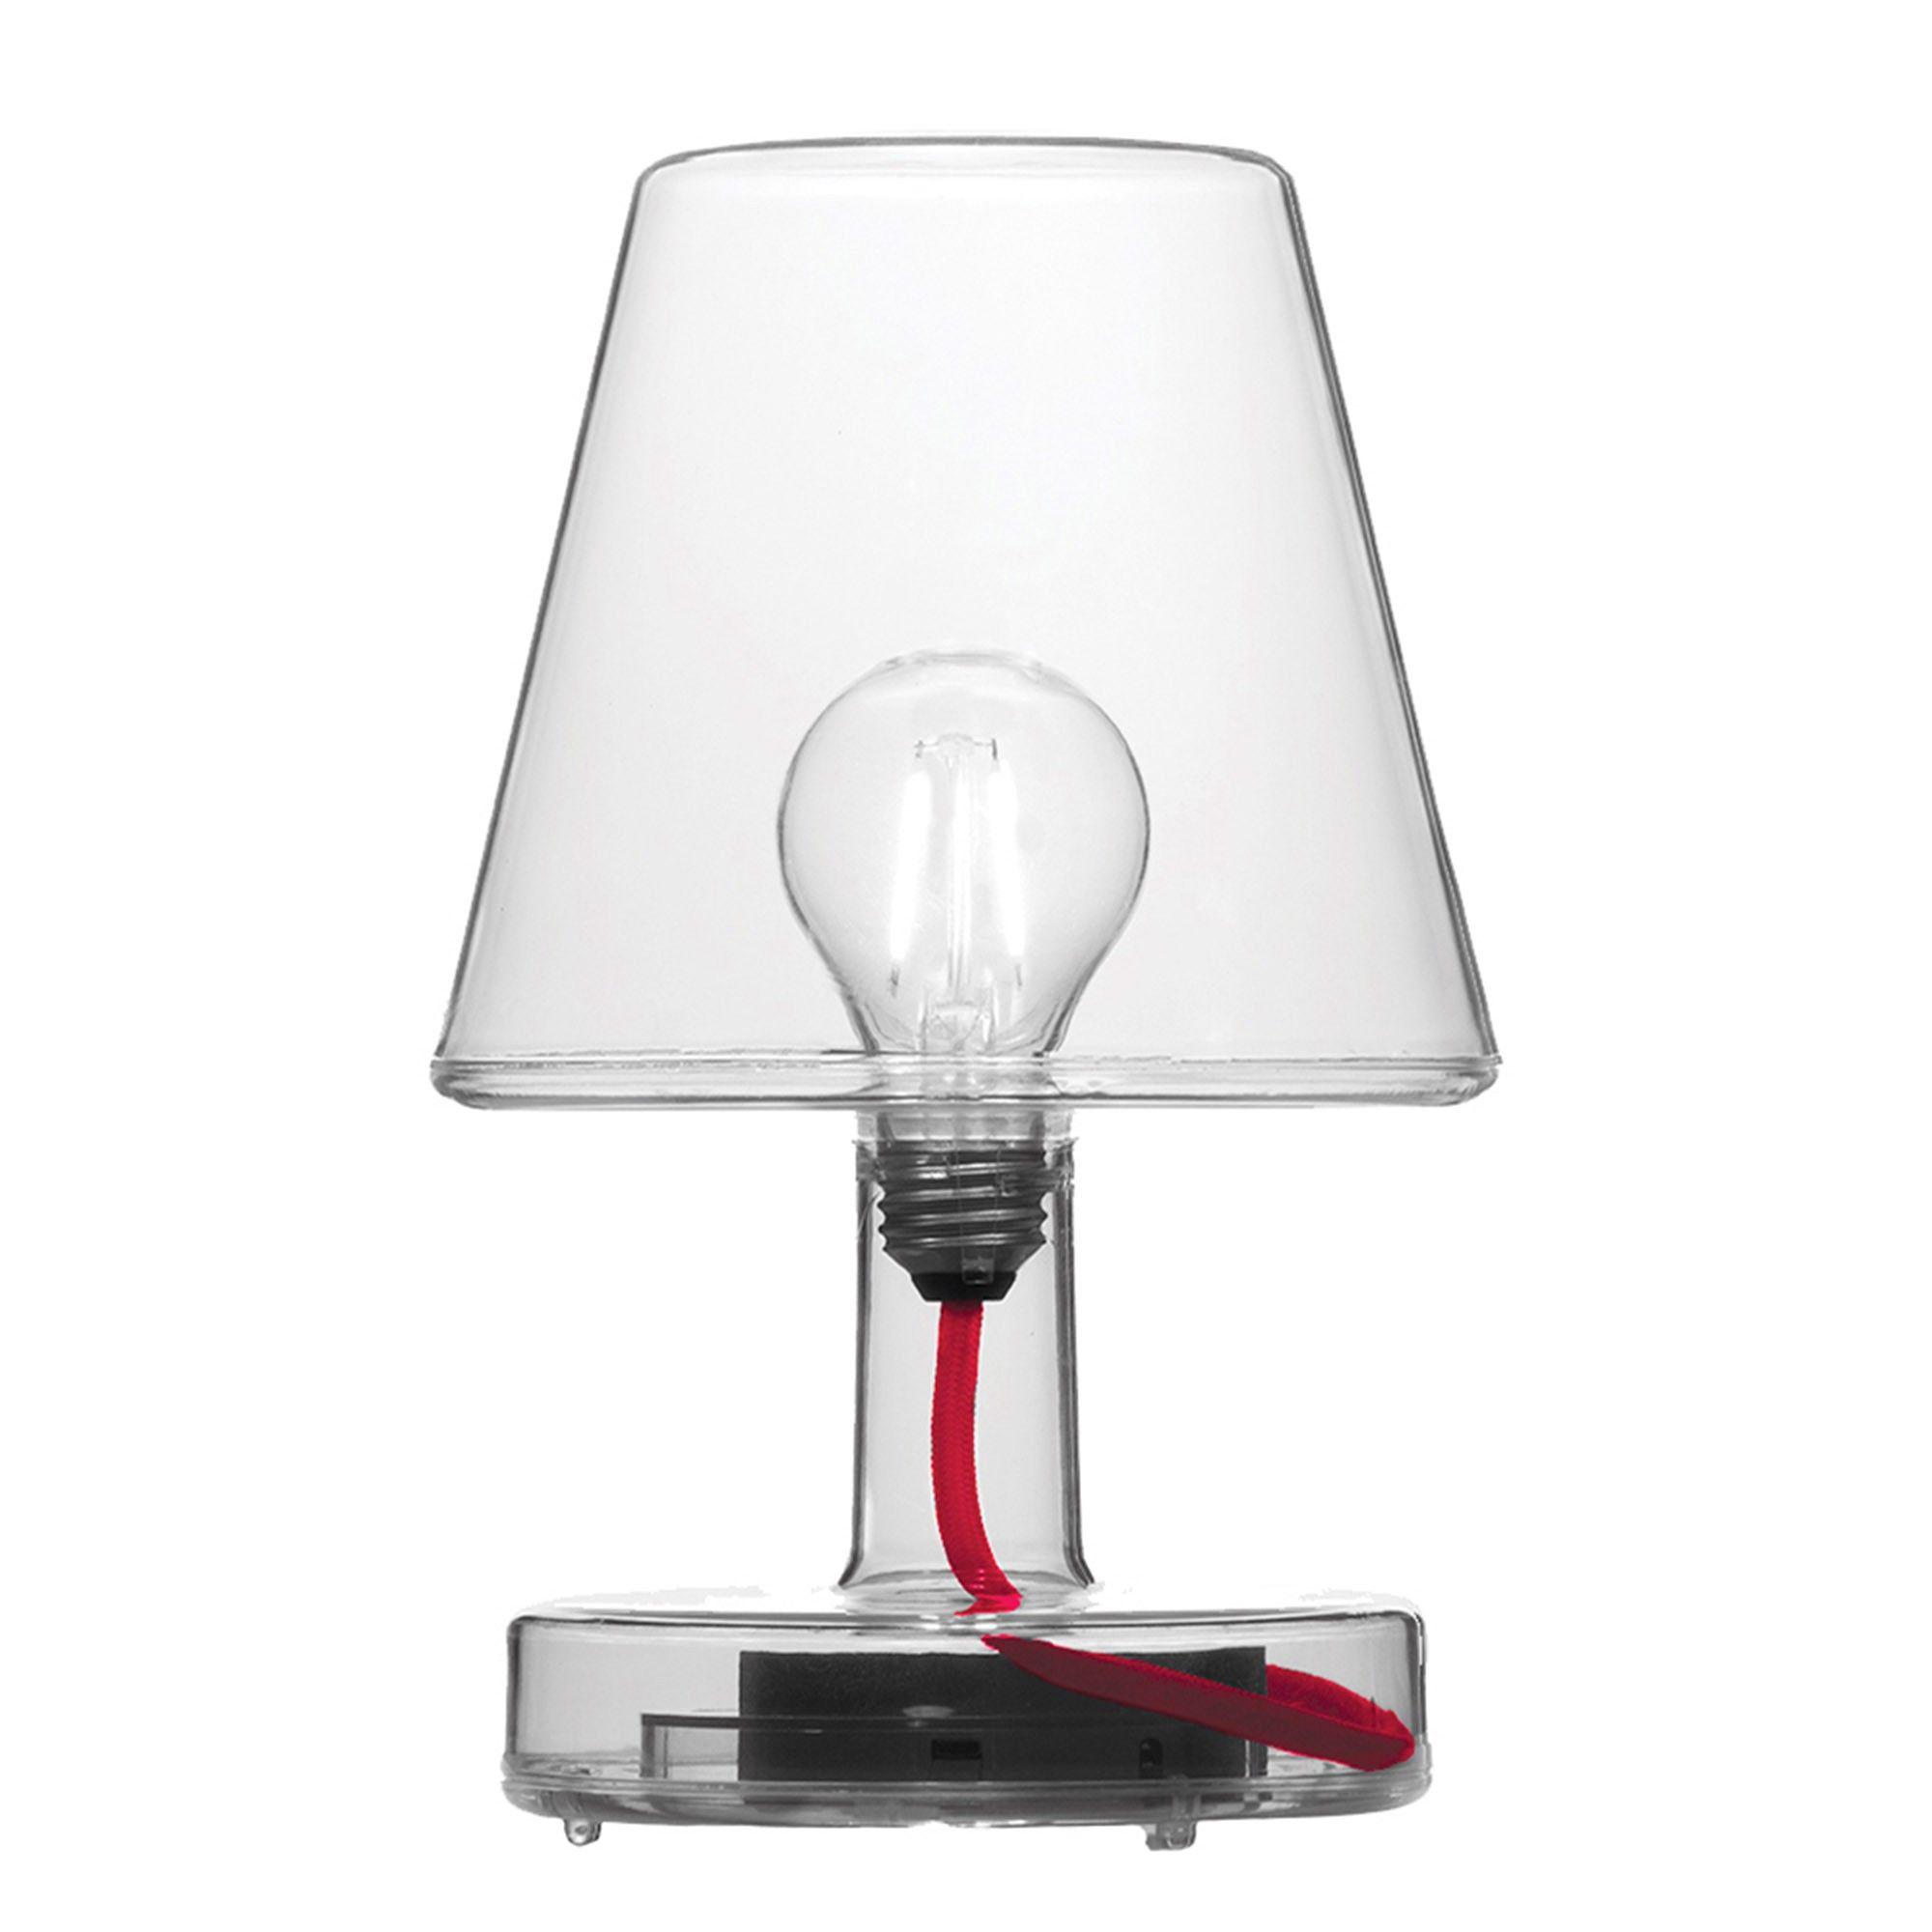 Lampe De Table Transloetje Sans Fil Transparente Fatboy Lampes De Table Lampe De Table Moderne Lamp